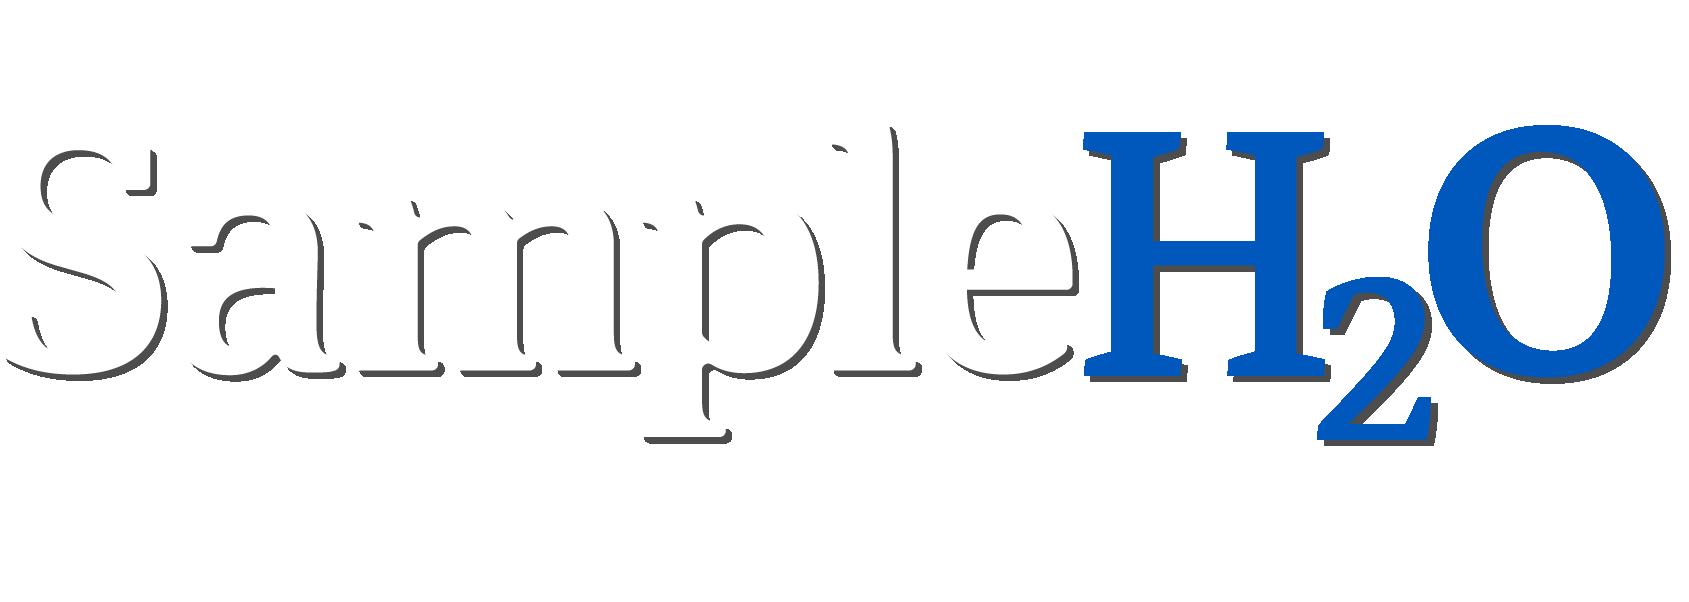 SampleH2O Drinking Water Testing Solution